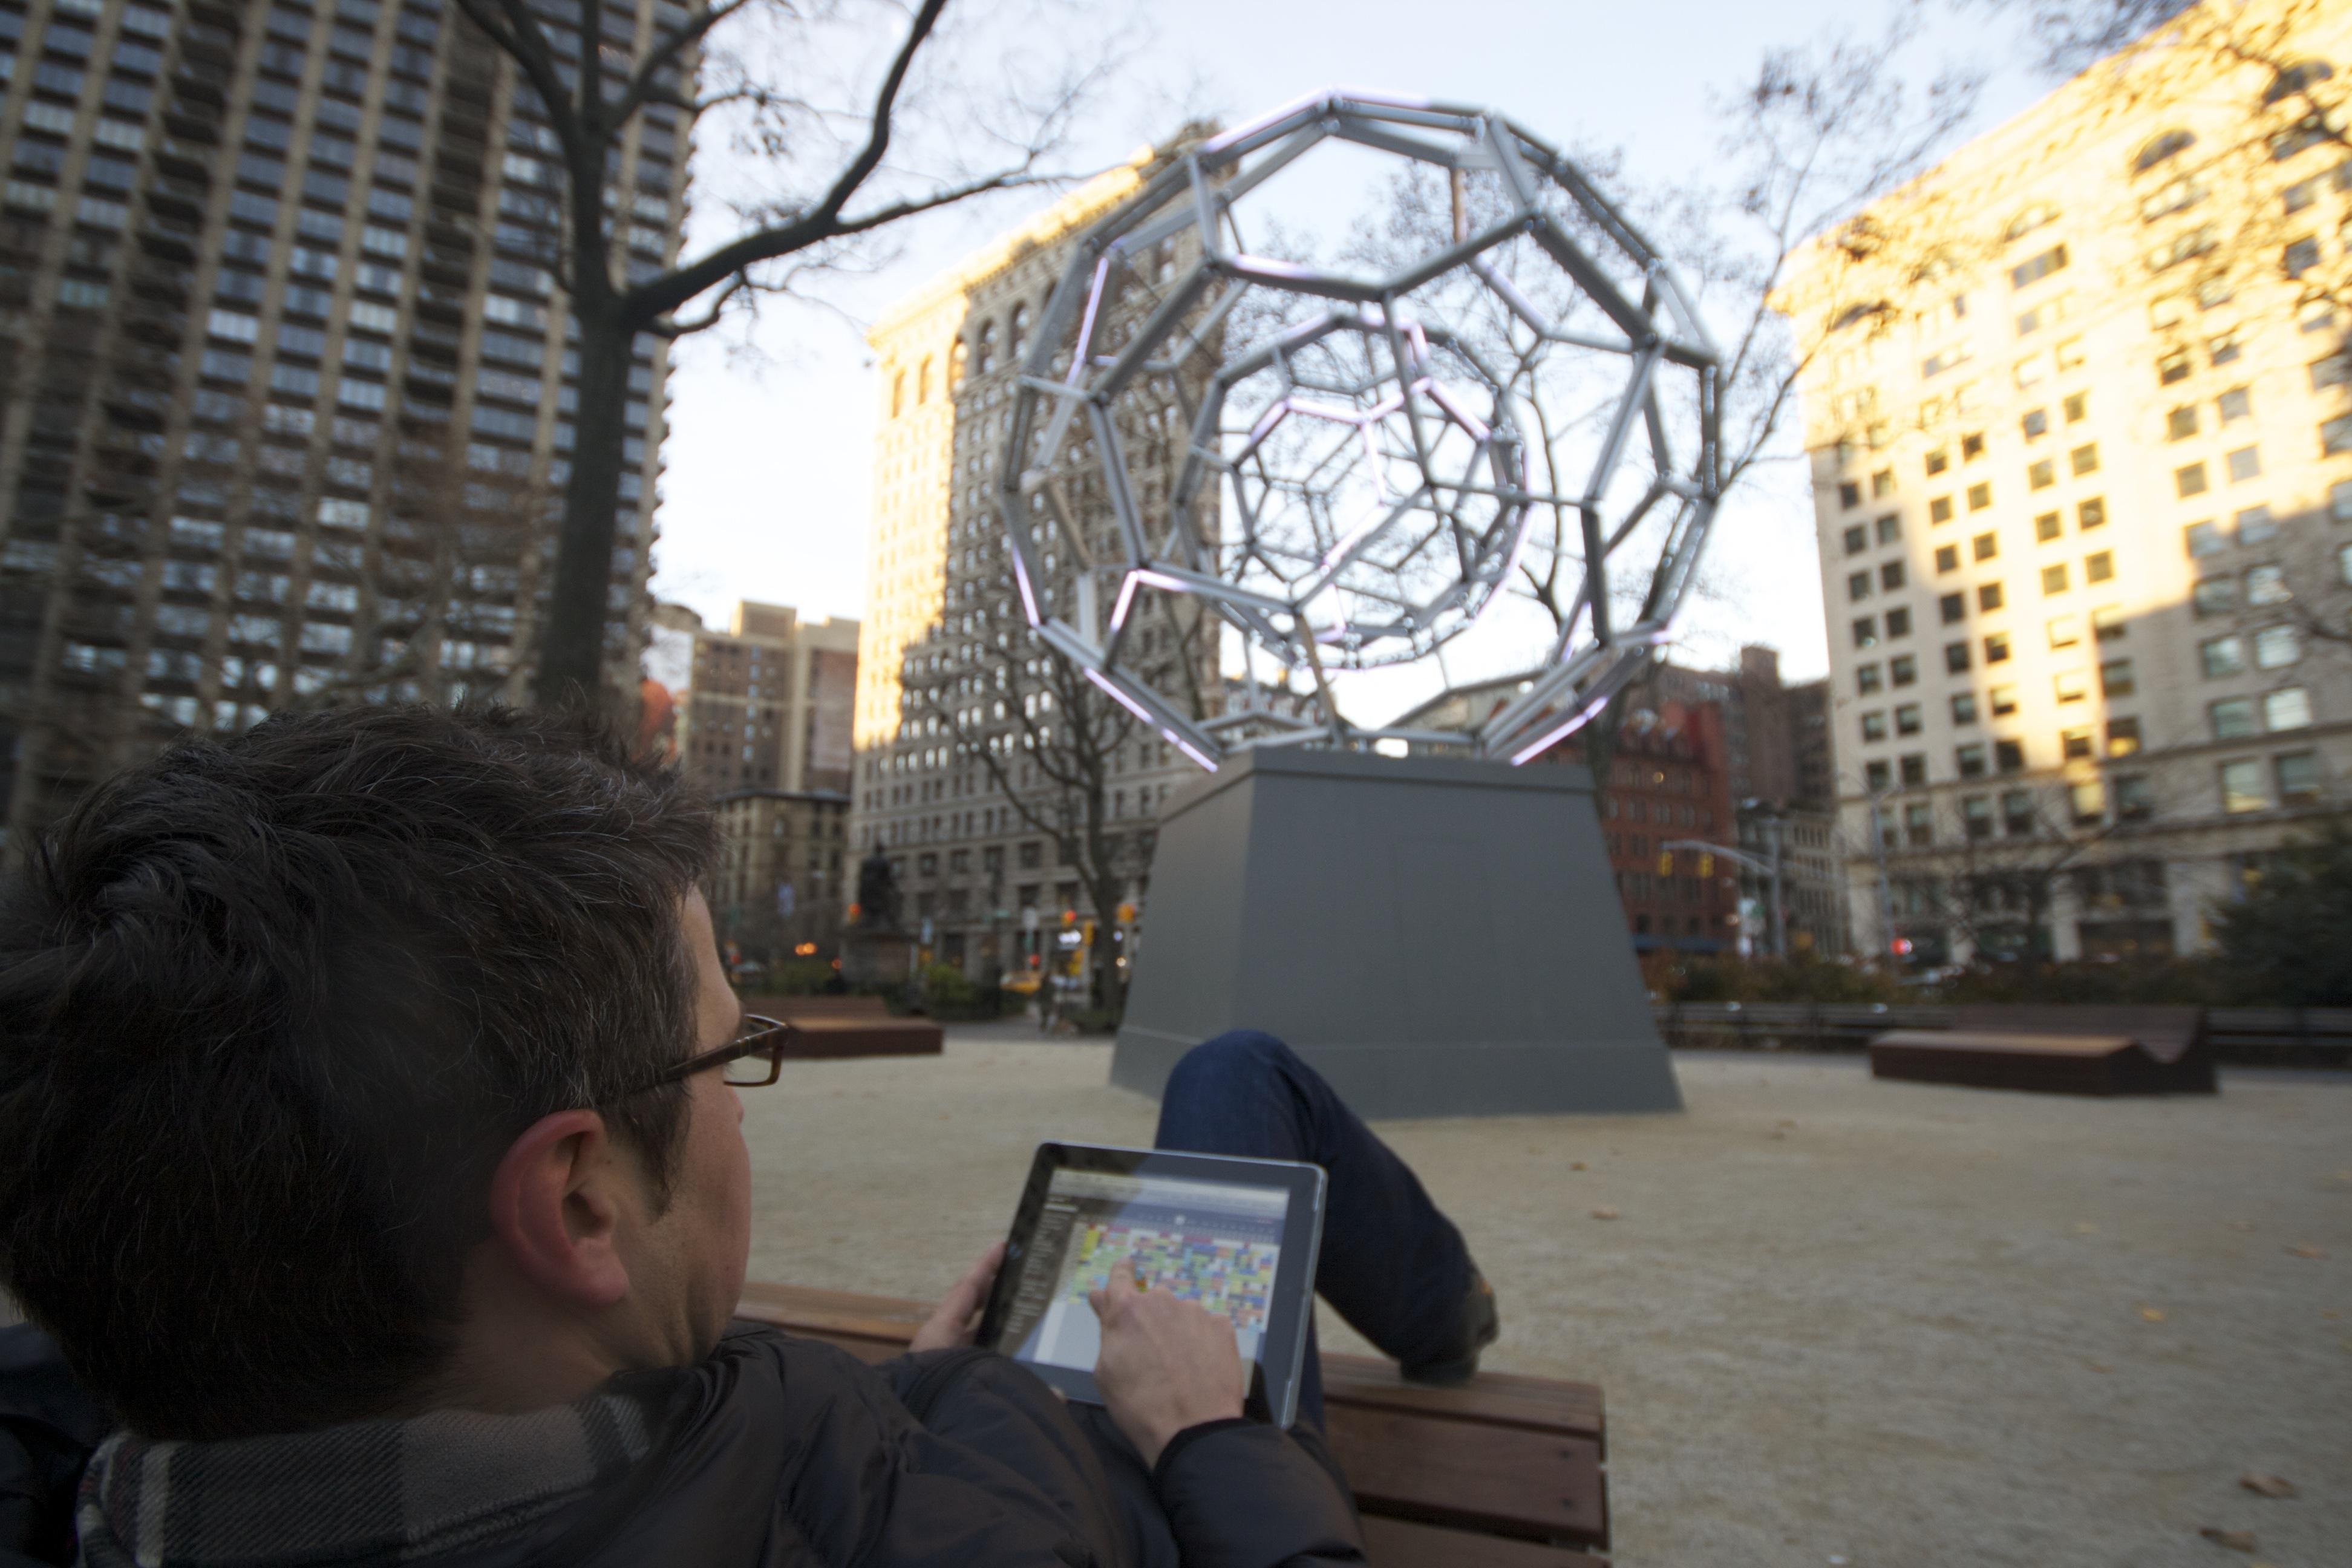 Im Madison Square Park, das Flatiron Building im Hintergrund, in einem der Lounge Chairs einen Blick auf den #online #Belegungsplan  in der #Hotelsoftware werfen. #NYC